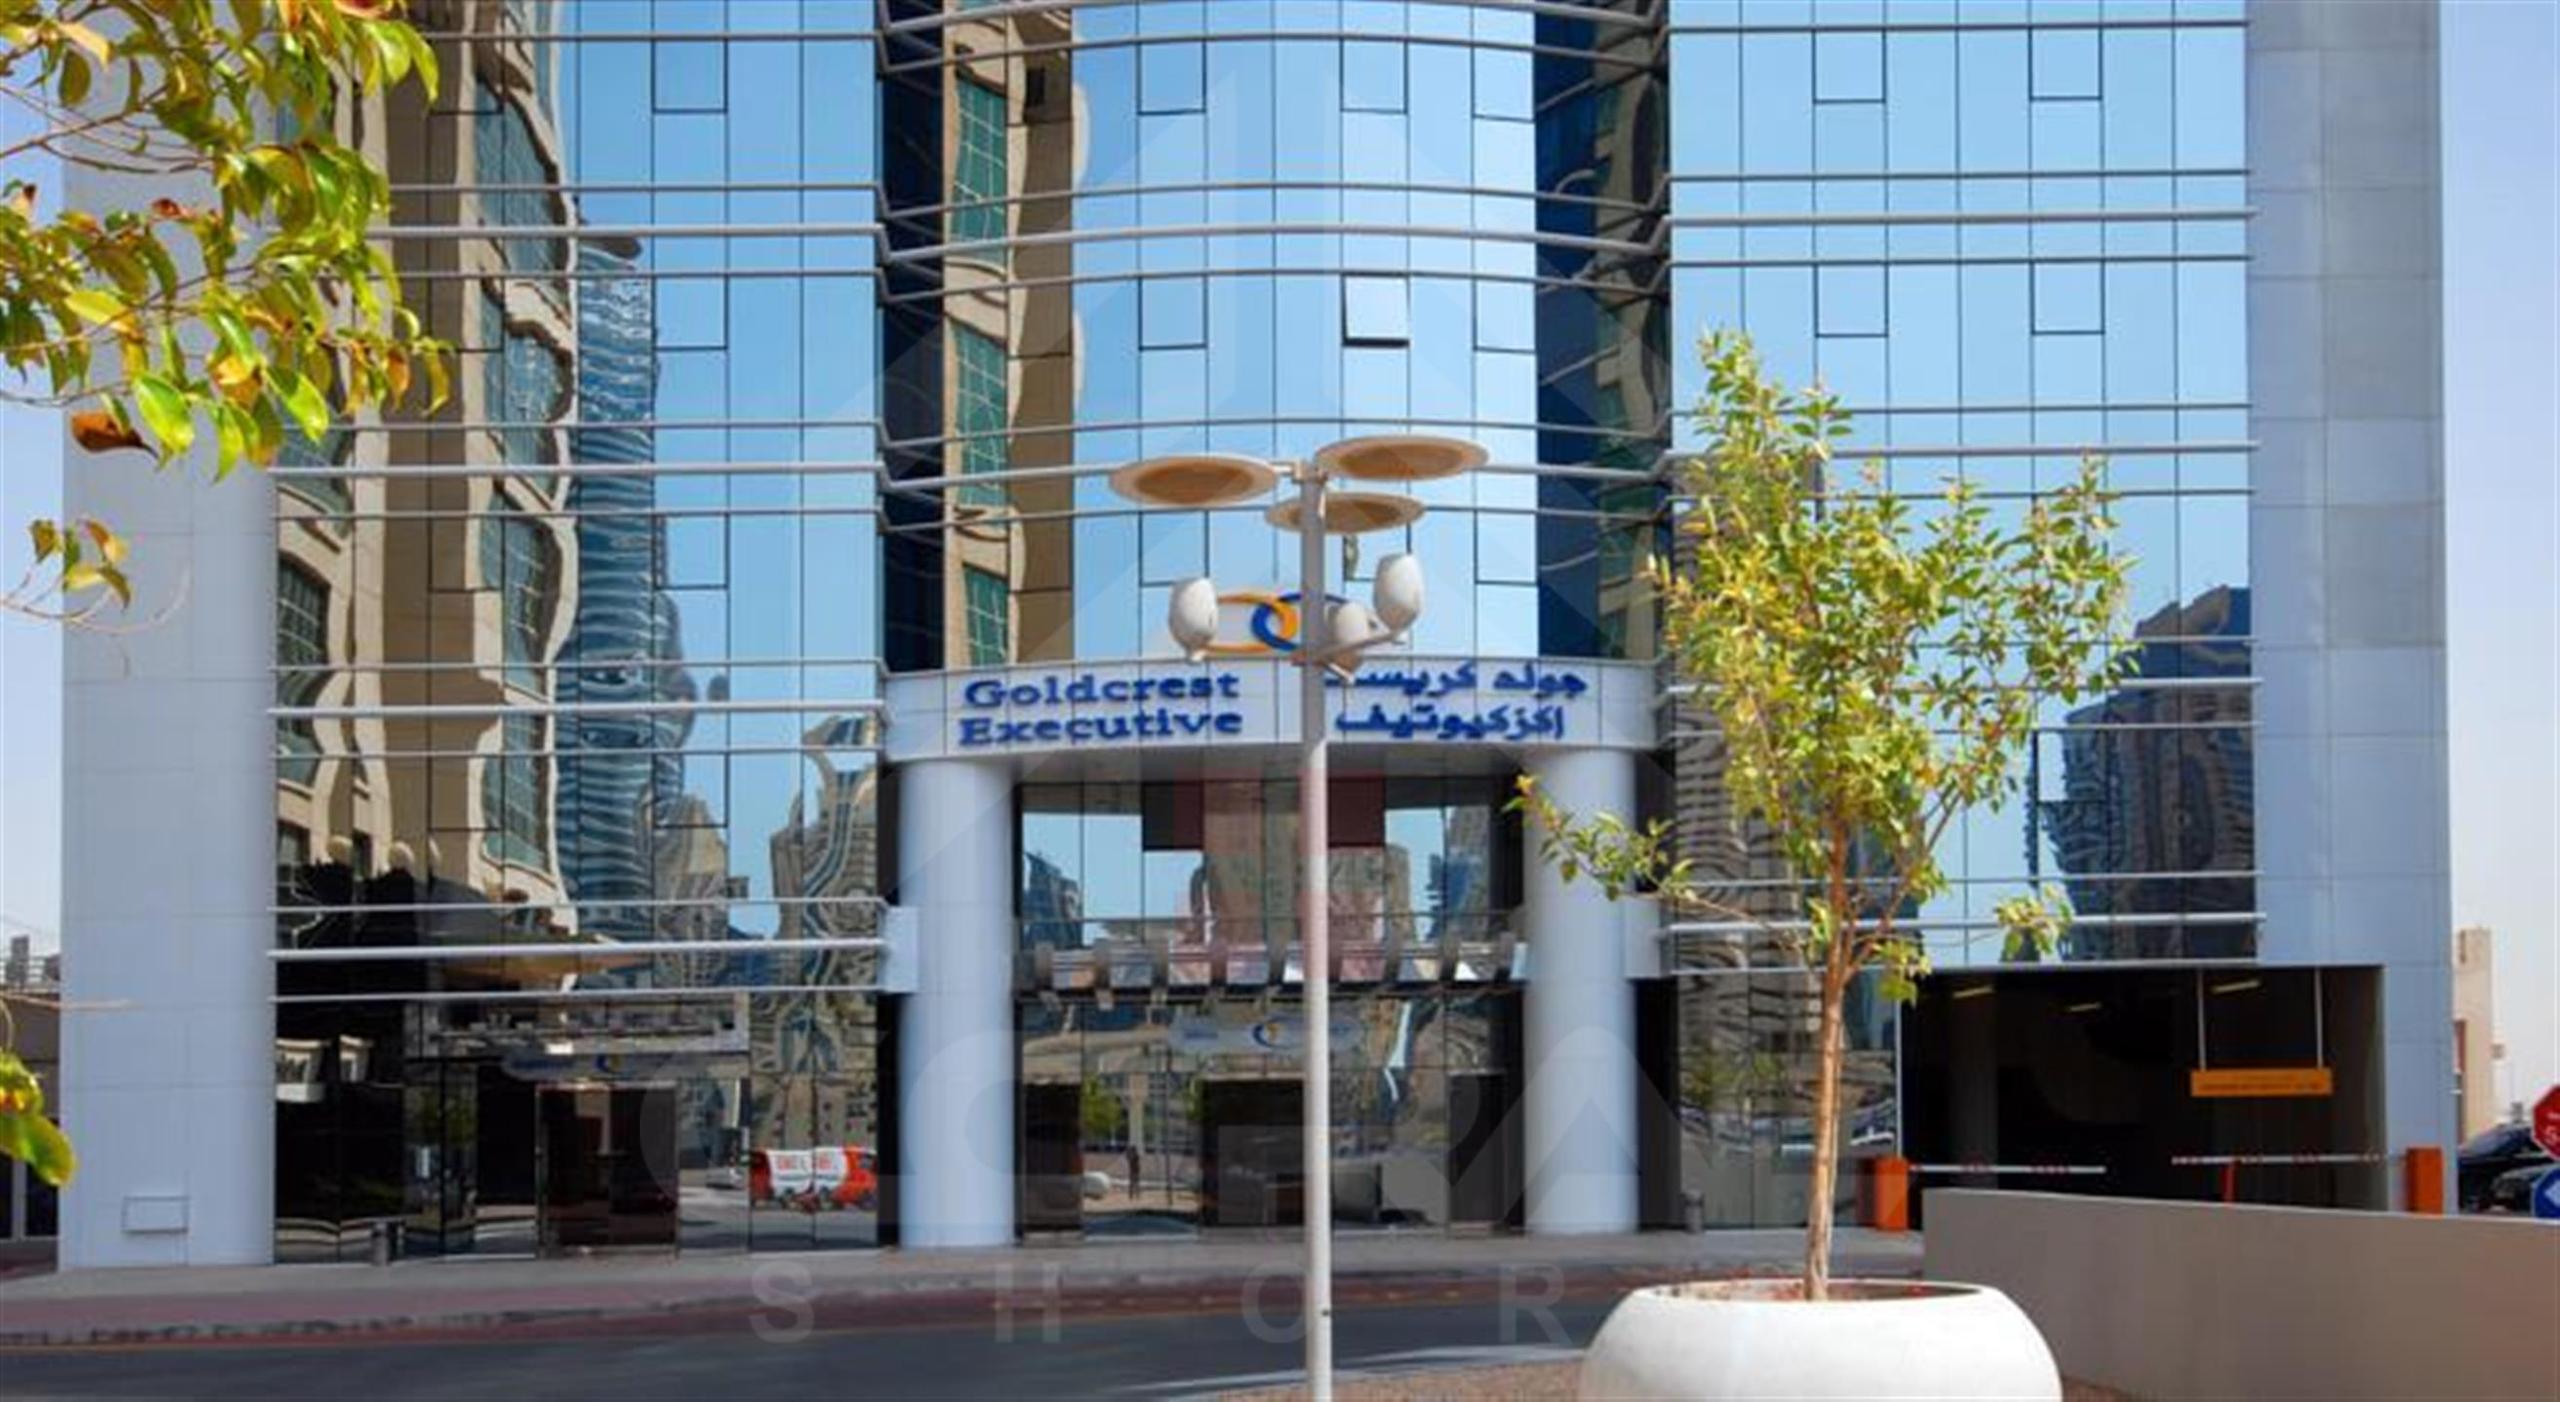 عقار تجاري للإيجار في أبراج بحيرات جميرا, دبي